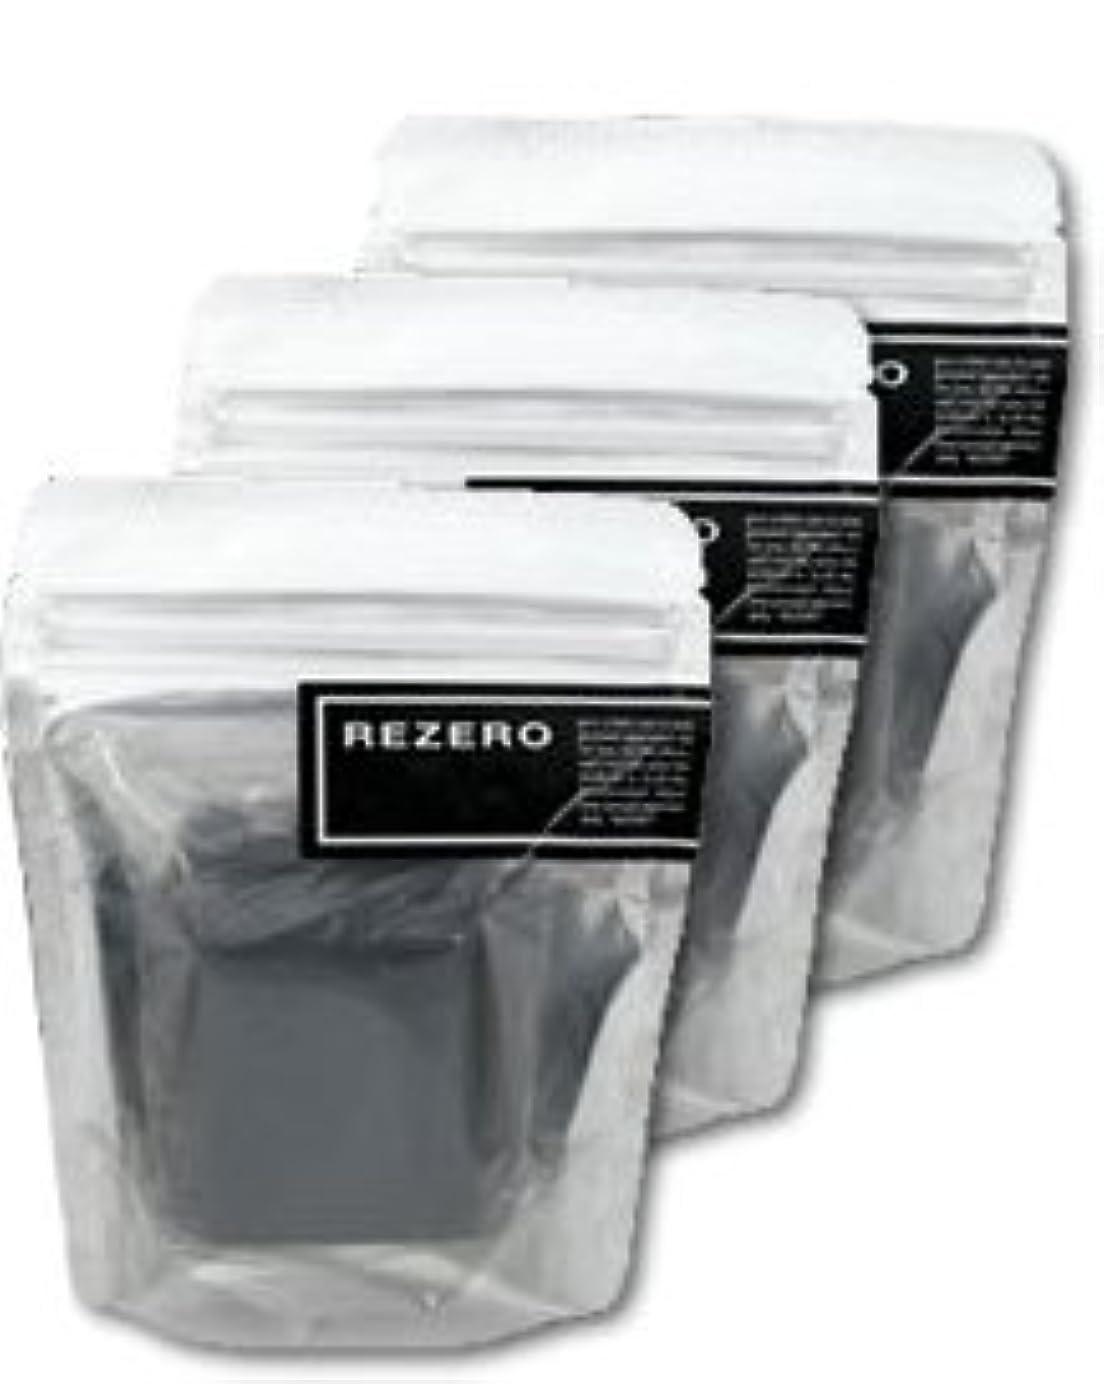 定期的な消毒する第四リゼロ プレミアム柿炭ソープ 90g×3個セット